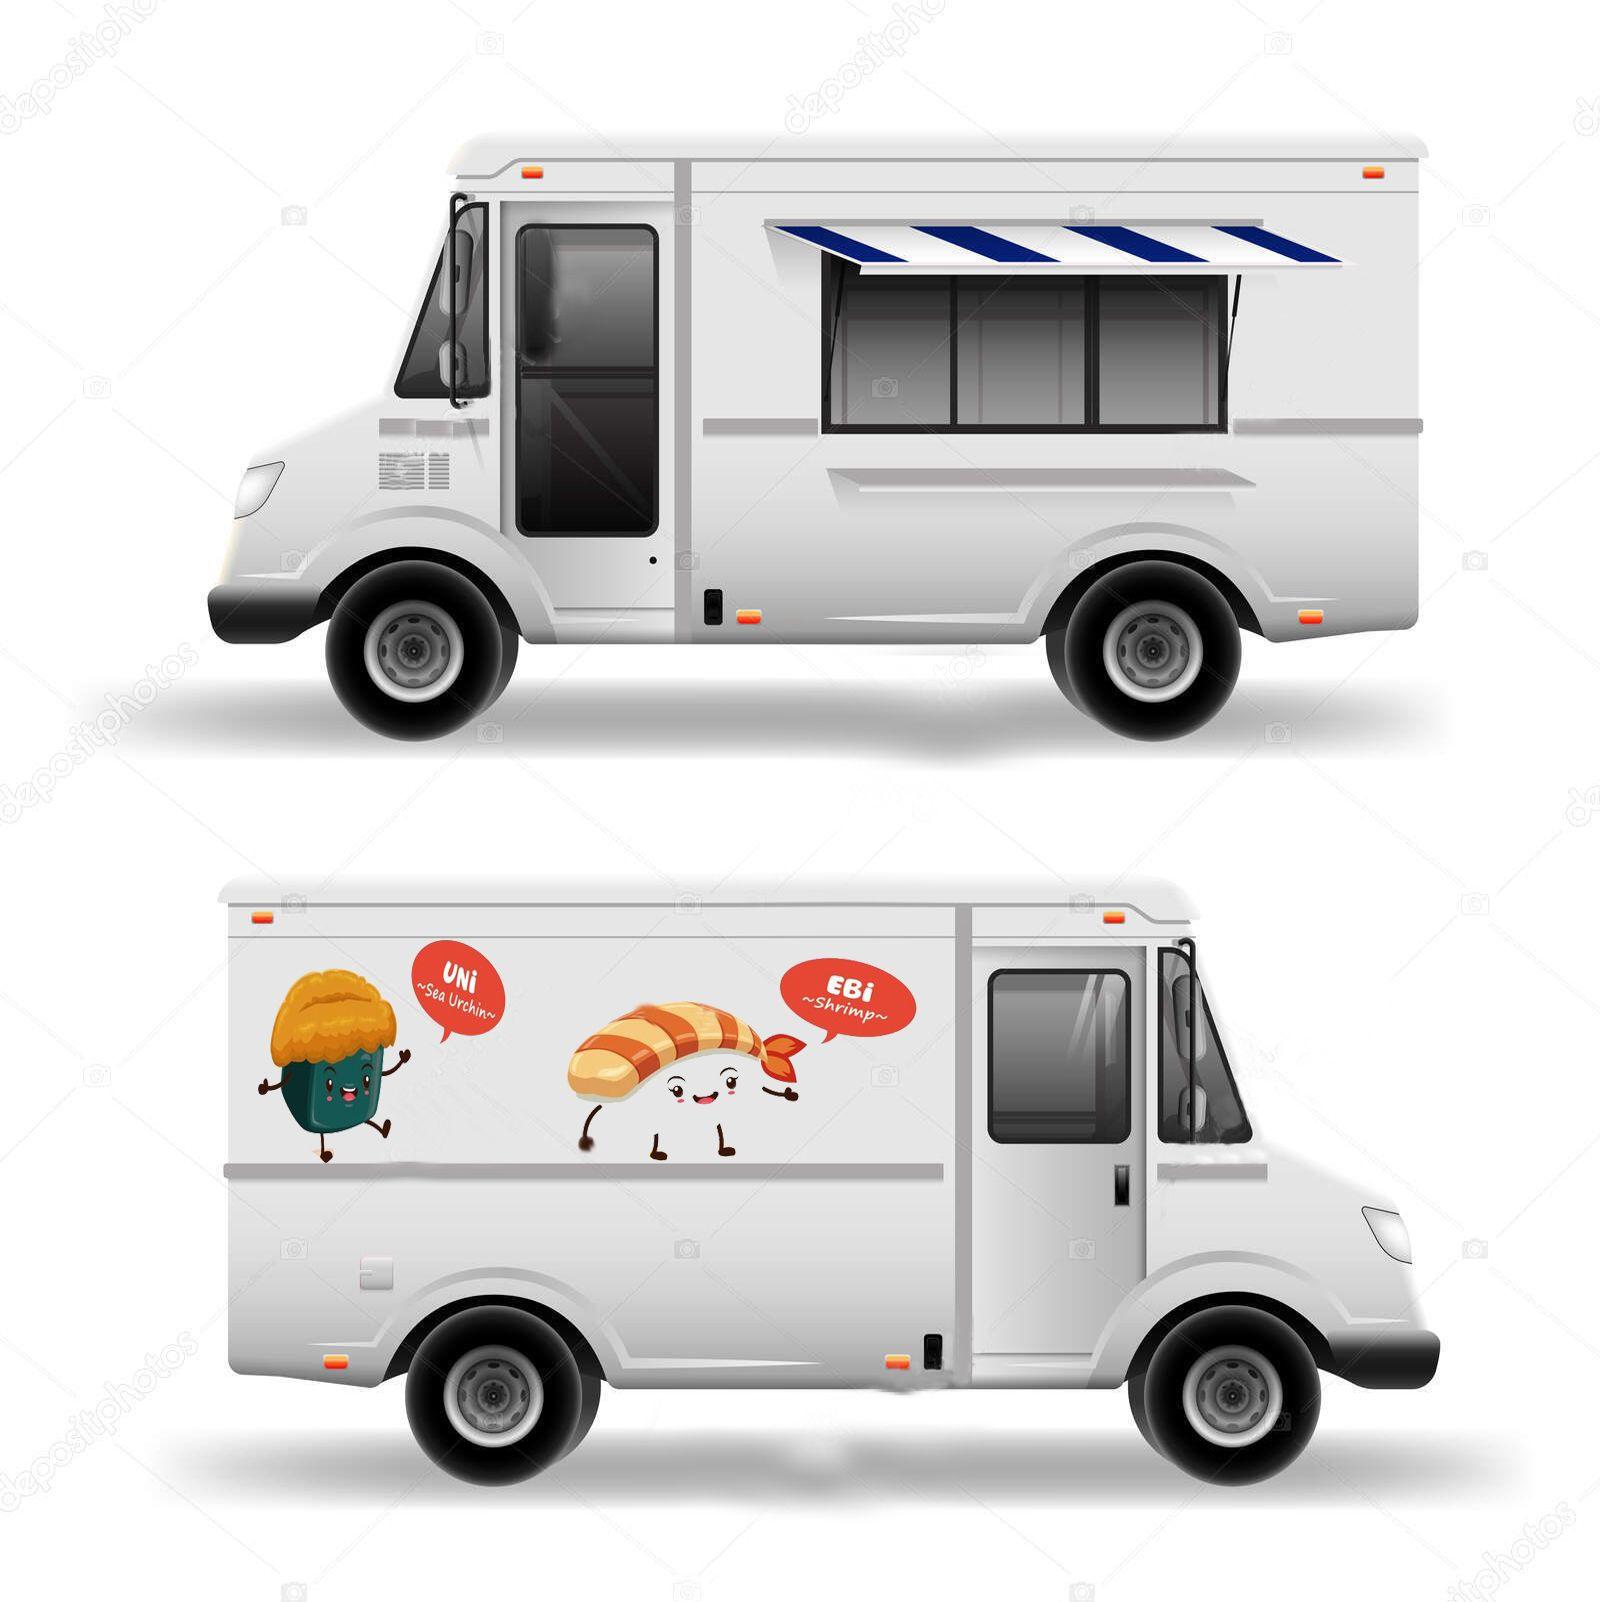 キッチンカー レンタル リース 2021 カー リース キッチンカー